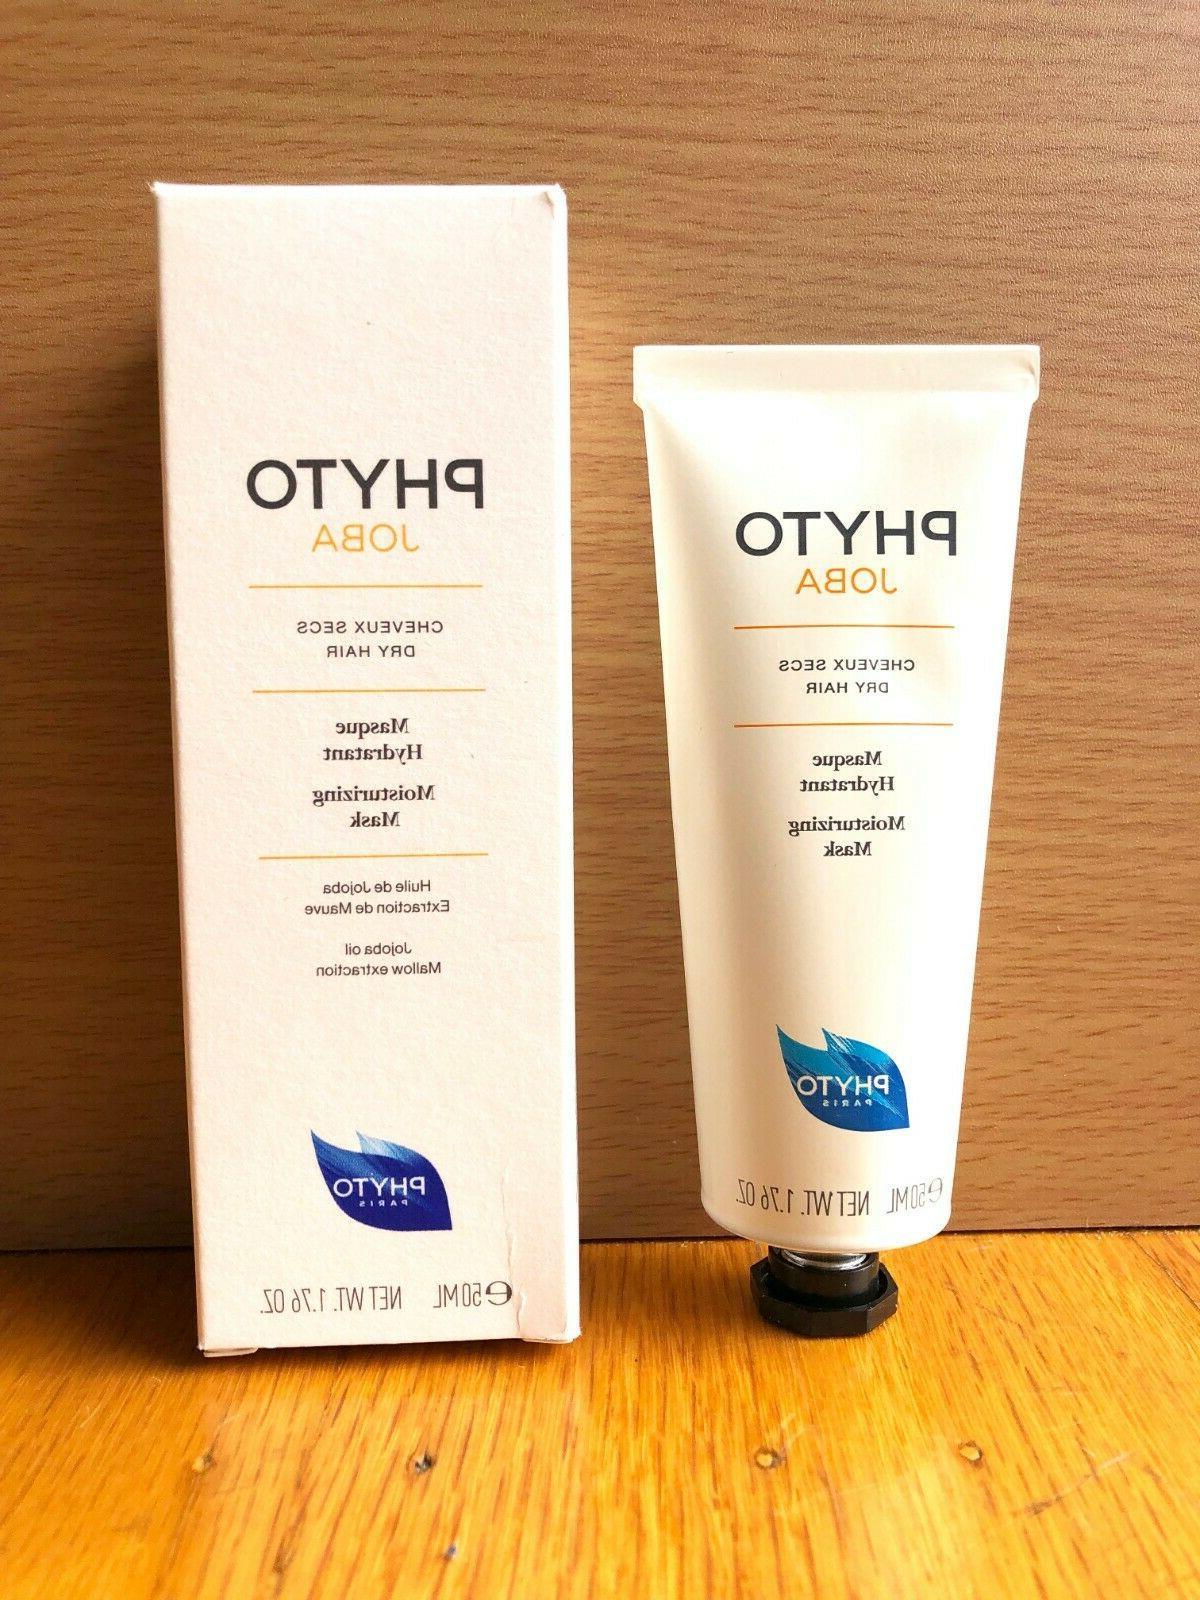 joba moisturizing hair mask 1 76 oz